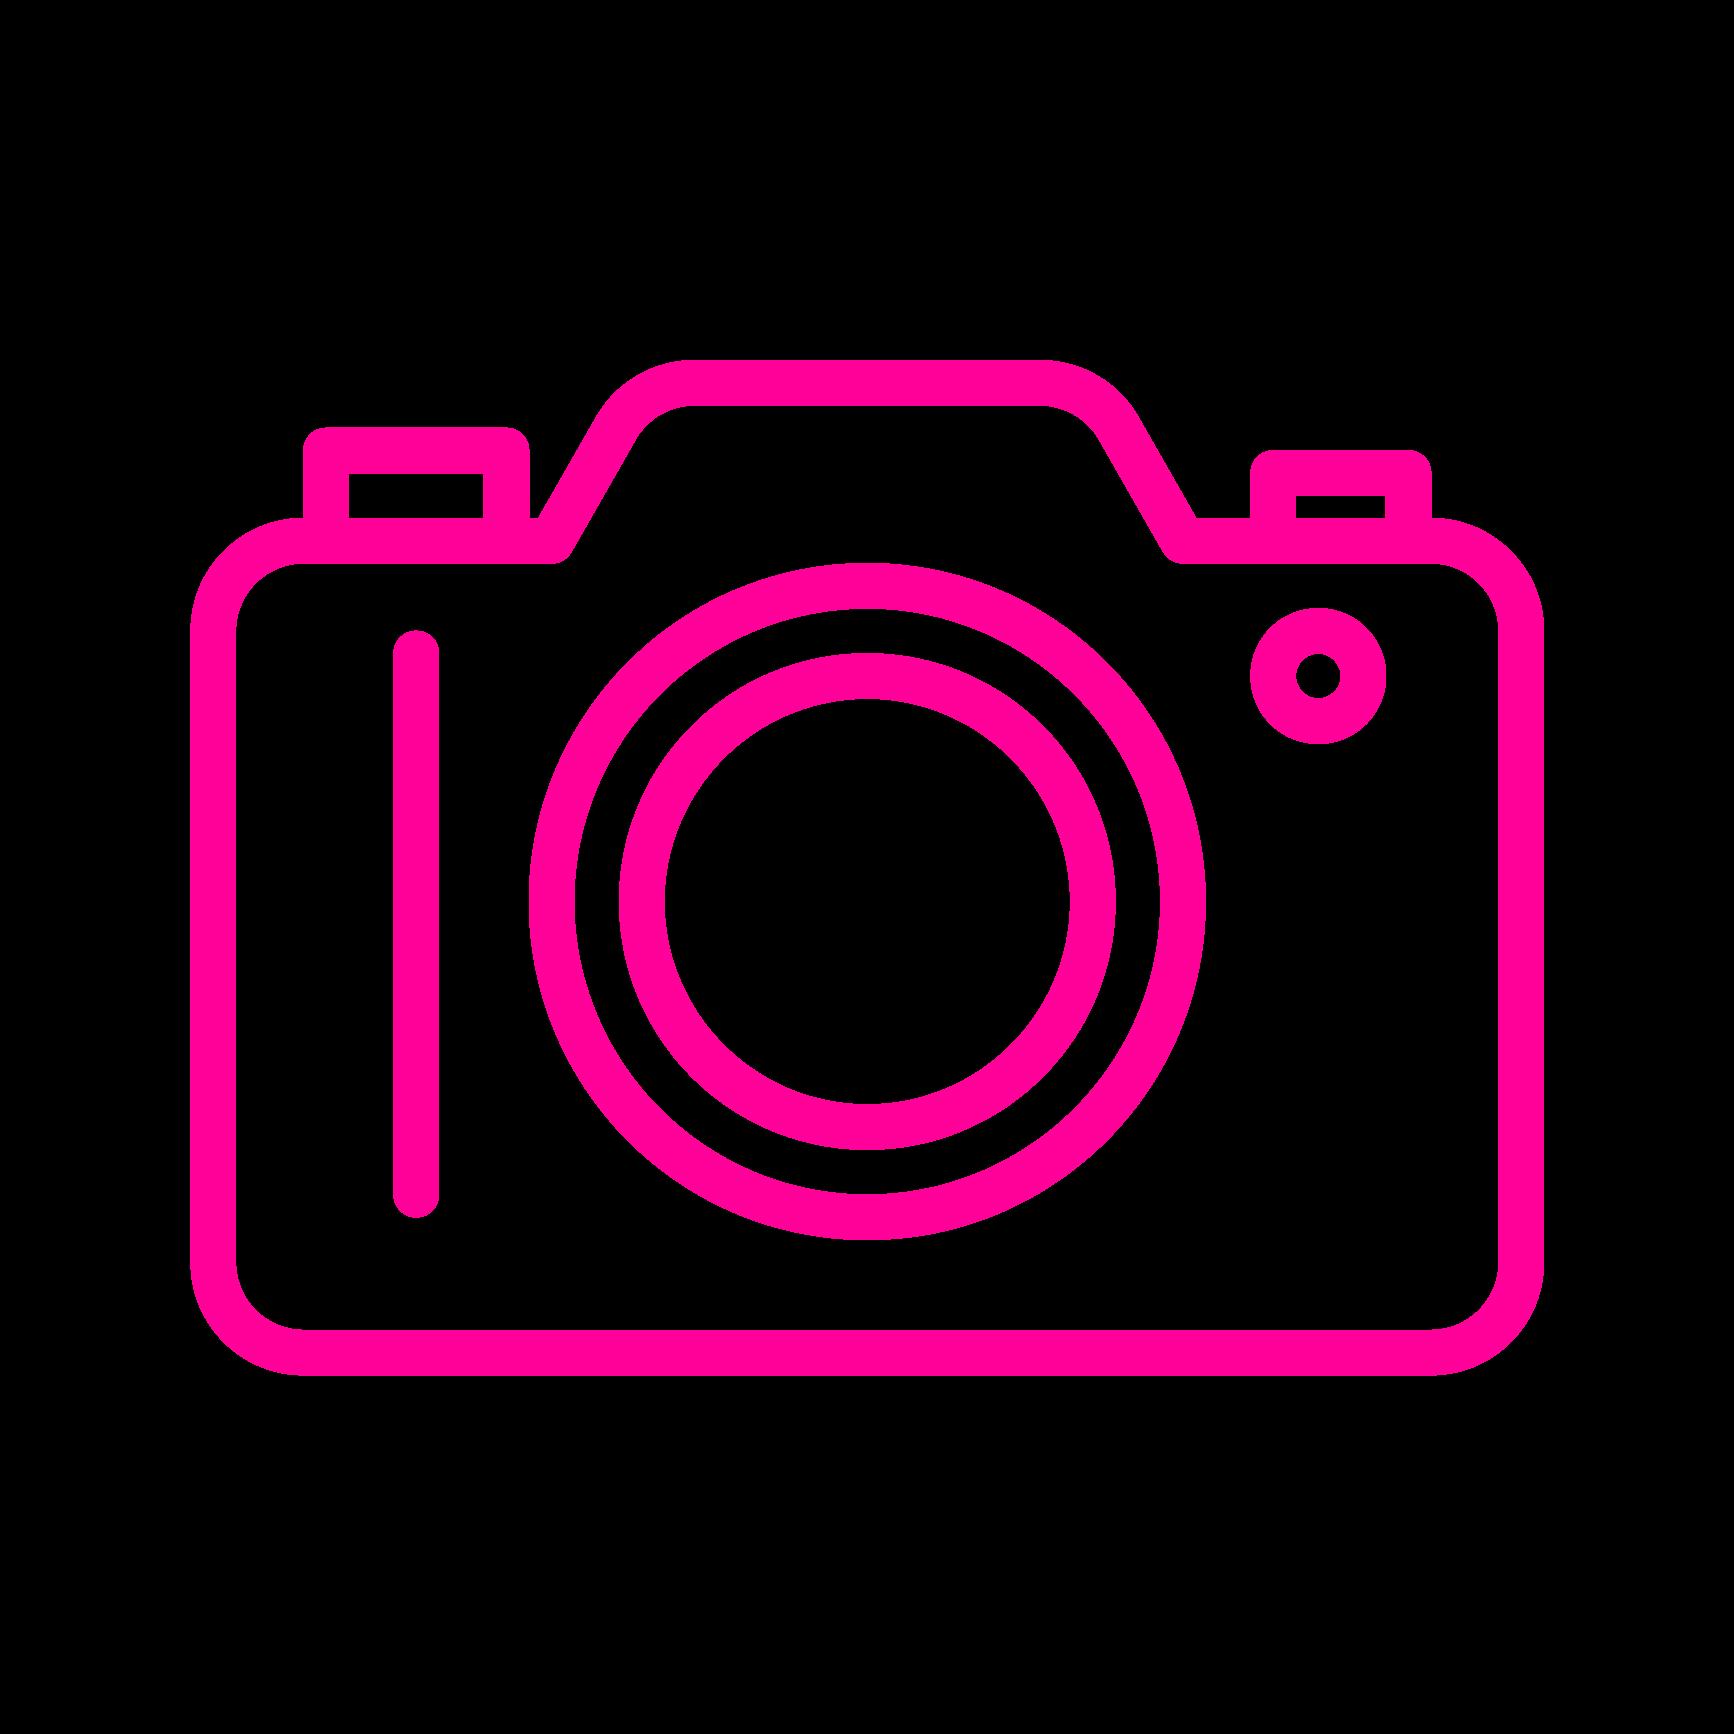 icon-fotografia-de-productos-curso-udes-cucuta-diseno-grafico-banner-2